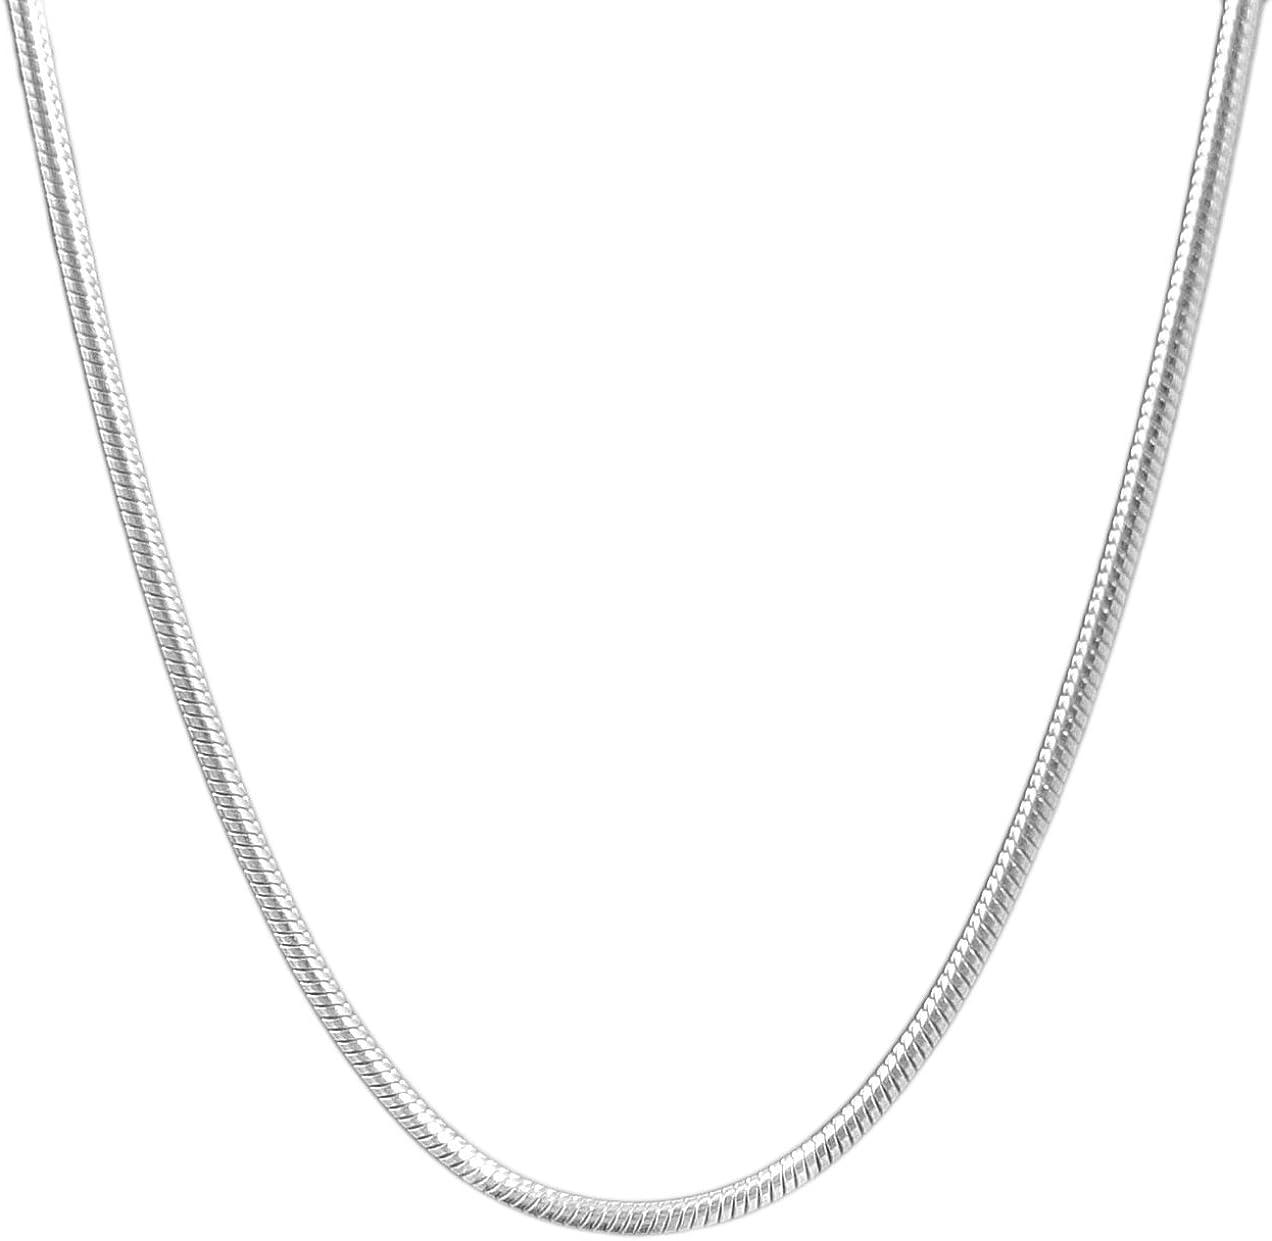 Ben Junot USA - Original Women 1.5 MM Snake Chain Necklace - Stainless Steel